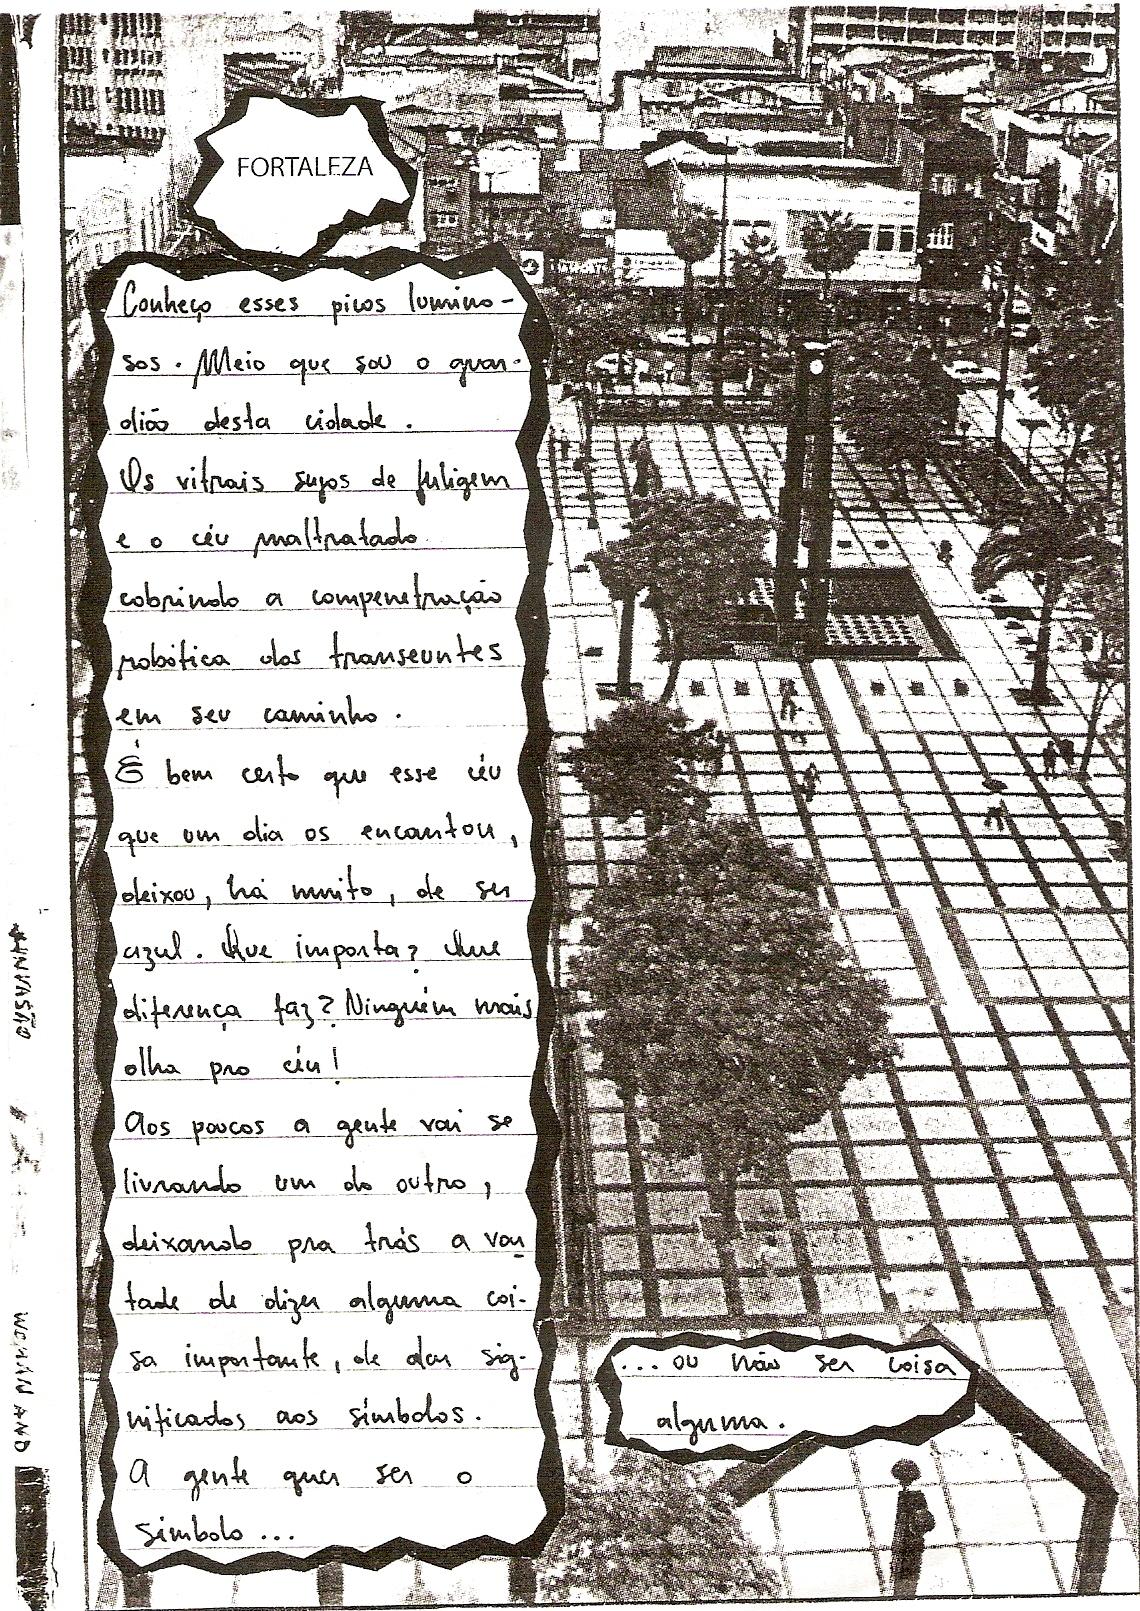 Esputinique de Fernanda Meireles